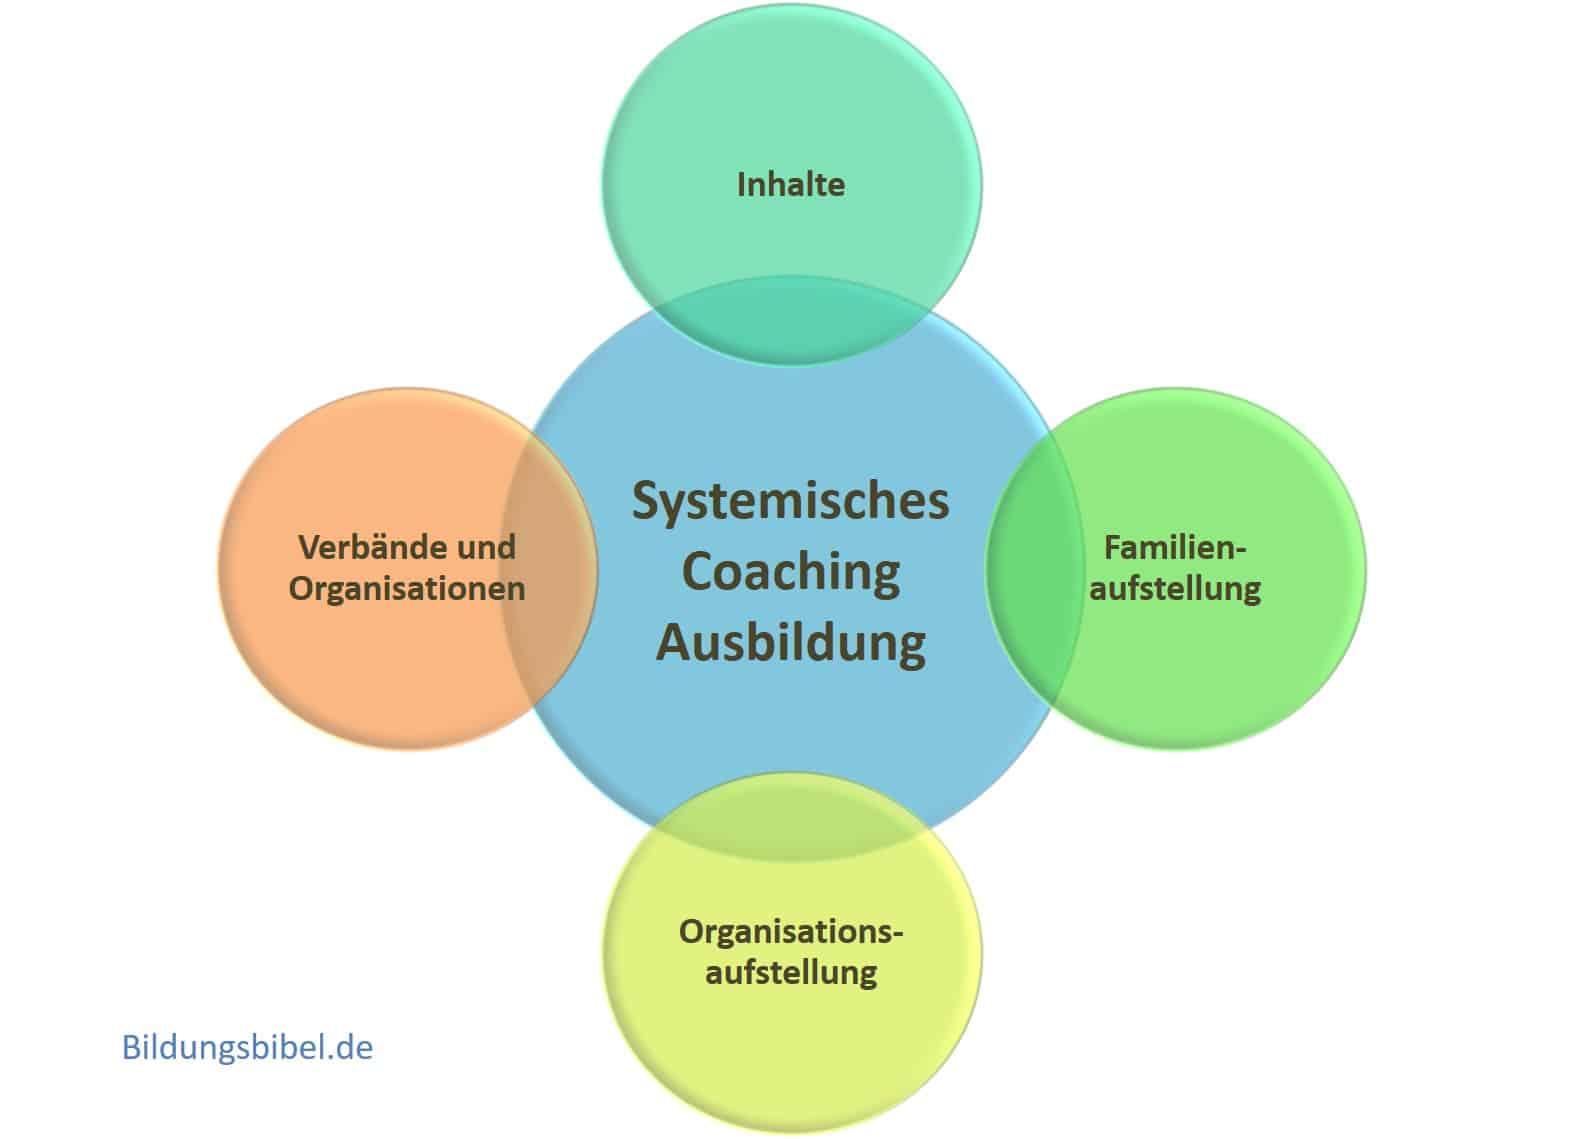 Systemisches Coaching Ausbildung oder die Weiterbildung zum System Coach mit Familienaufstellung und Organisationsaufstellung, Info zu Inhalt und Anforderung sowie zum Verband.